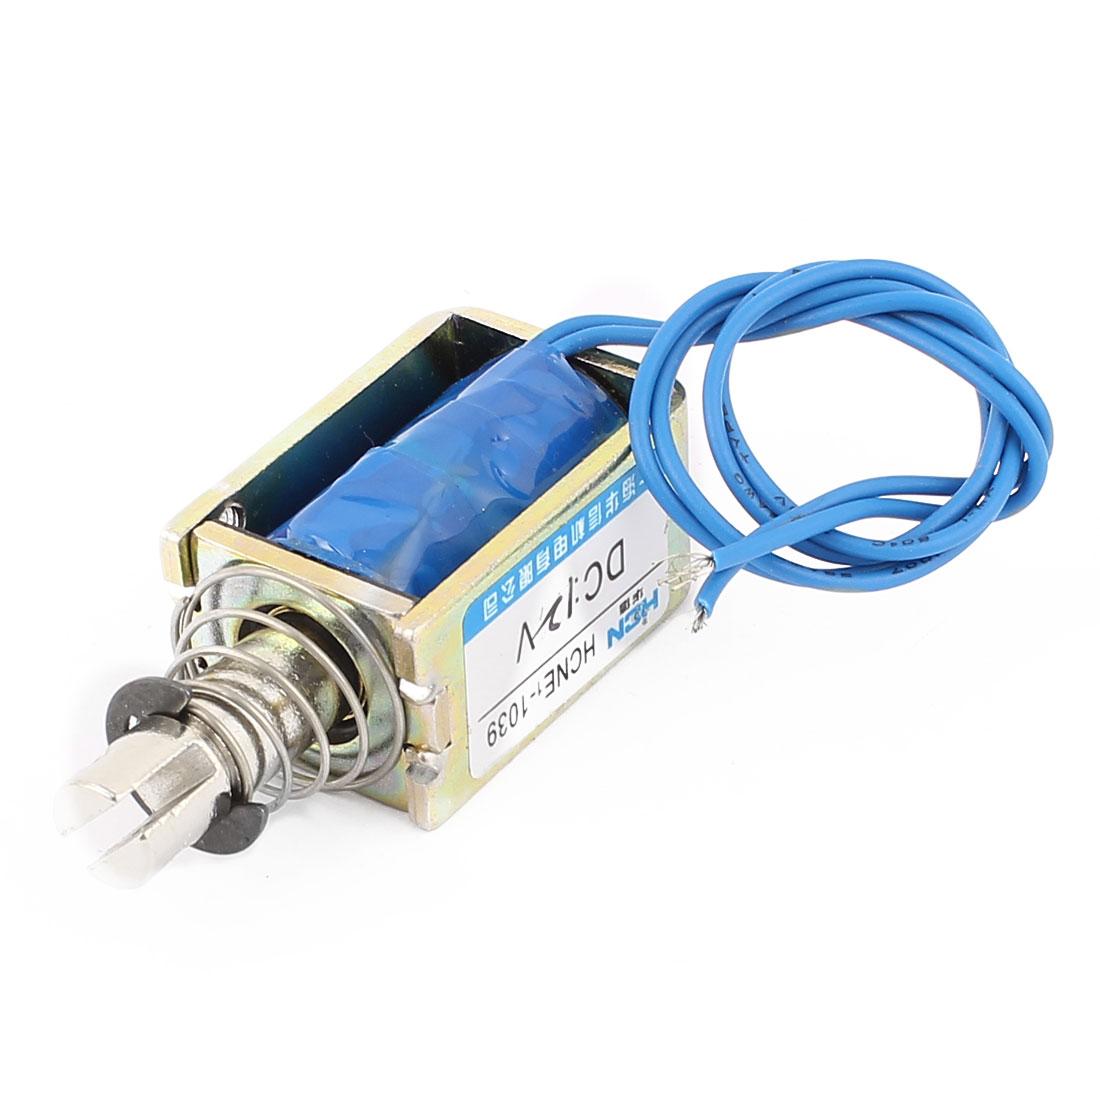 HCNE1-1039 DC 12V 2A 10mm 25N Push Pull Type DIY DC Solenoid Electromagnet Magnet